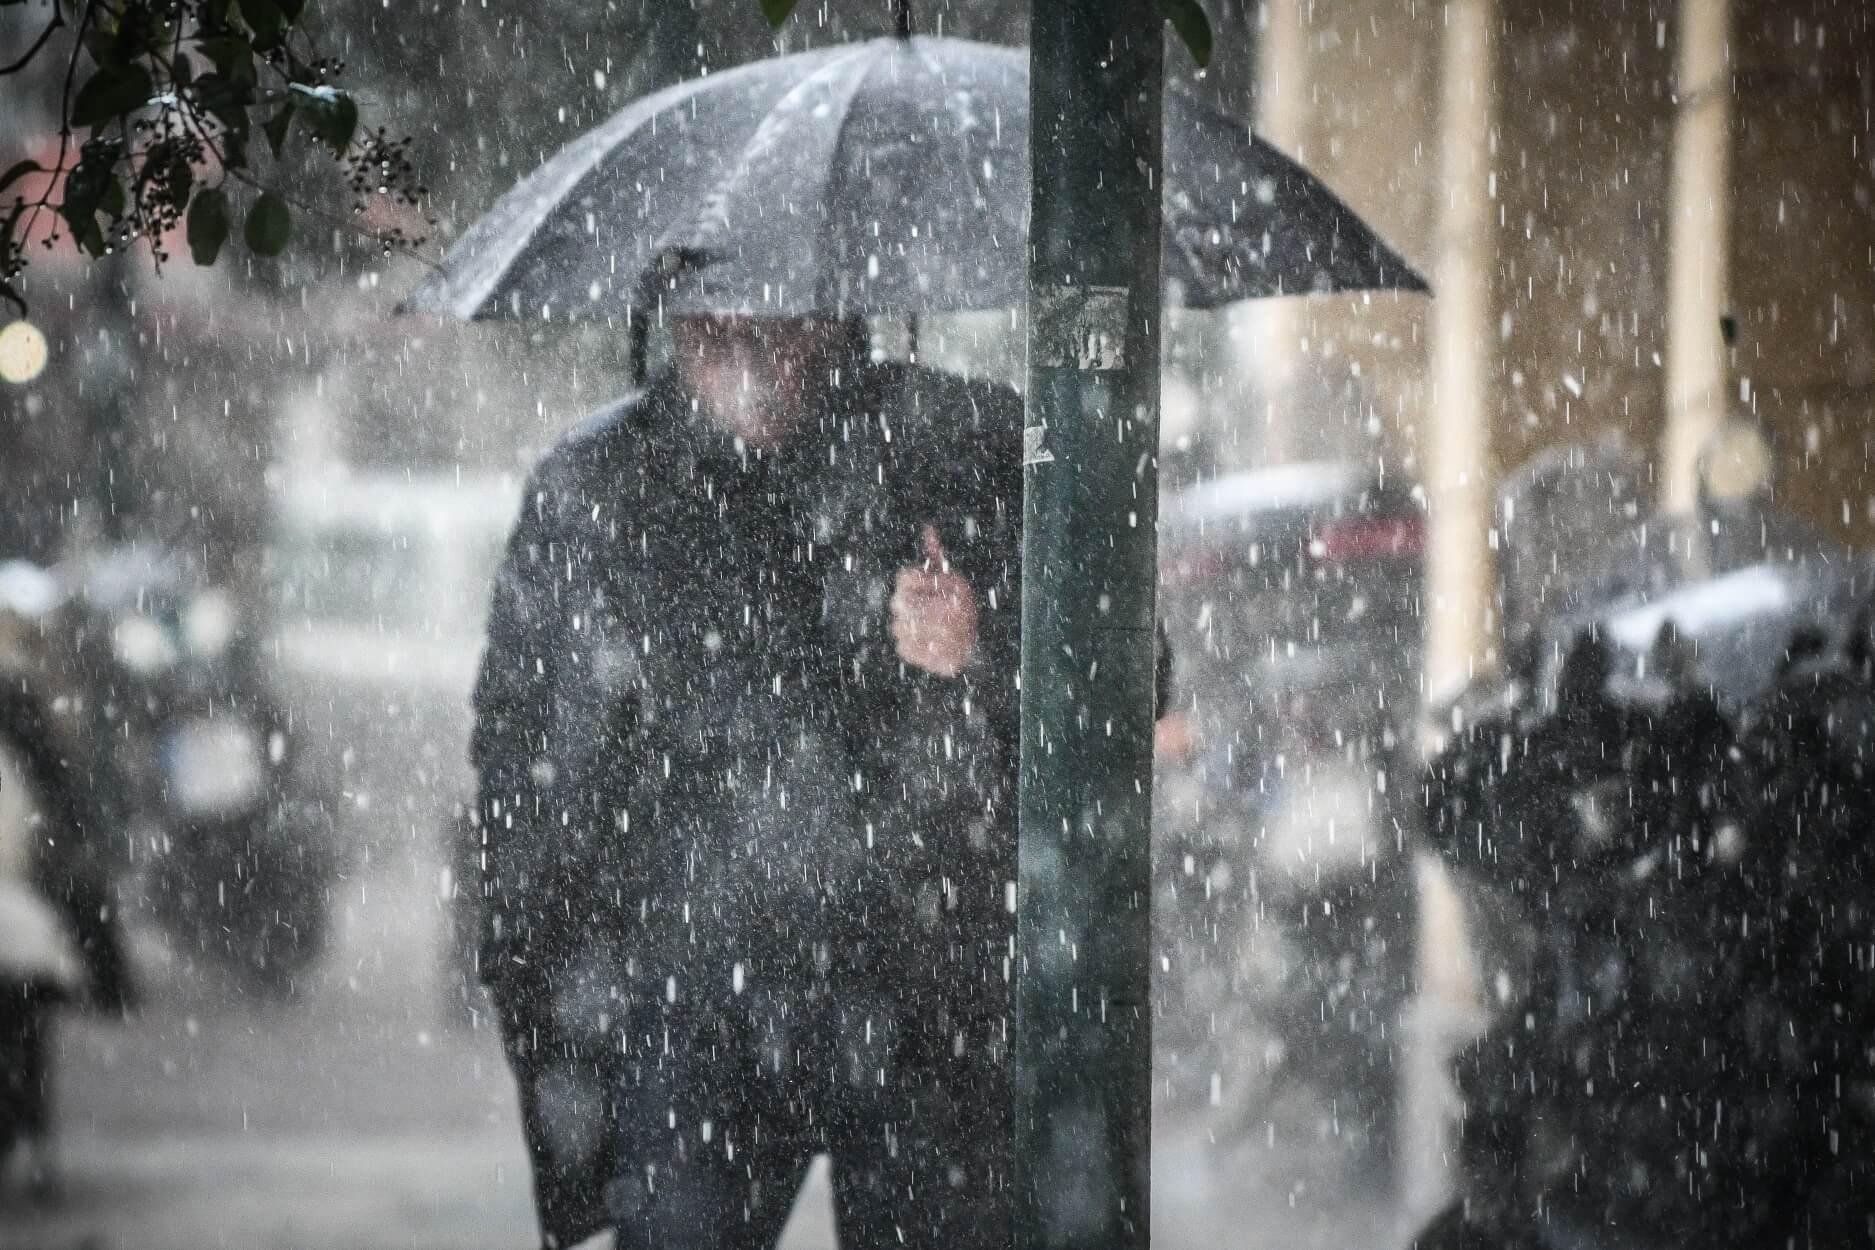 Κύπρος: Σφοδρή κακοκαιρία με καταιγίδες, χαλάζι και χιόνια!